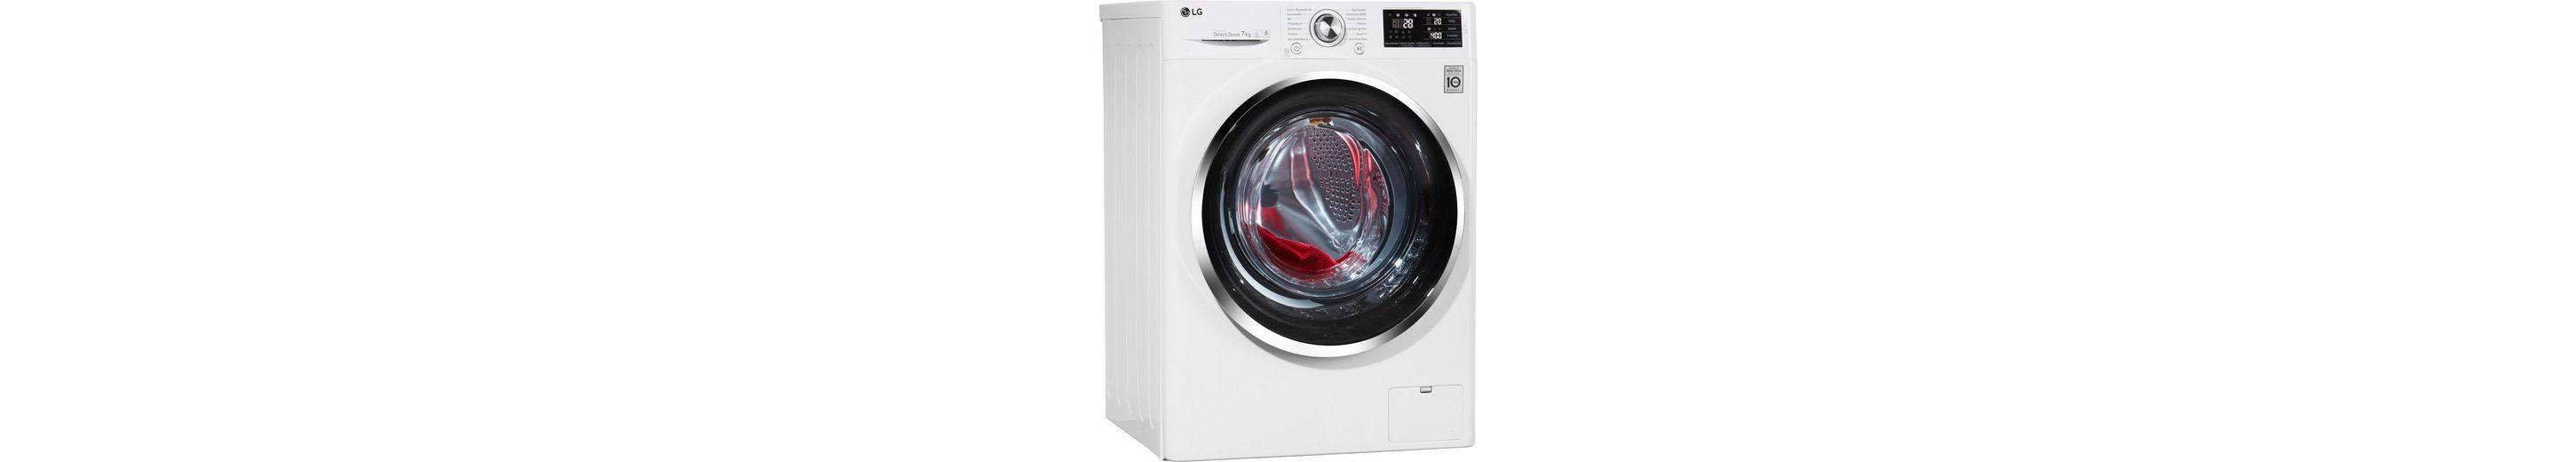 LG Waschmaschine F 14U2 QCN2H, A+++, 7 kg, 1400 U/Min